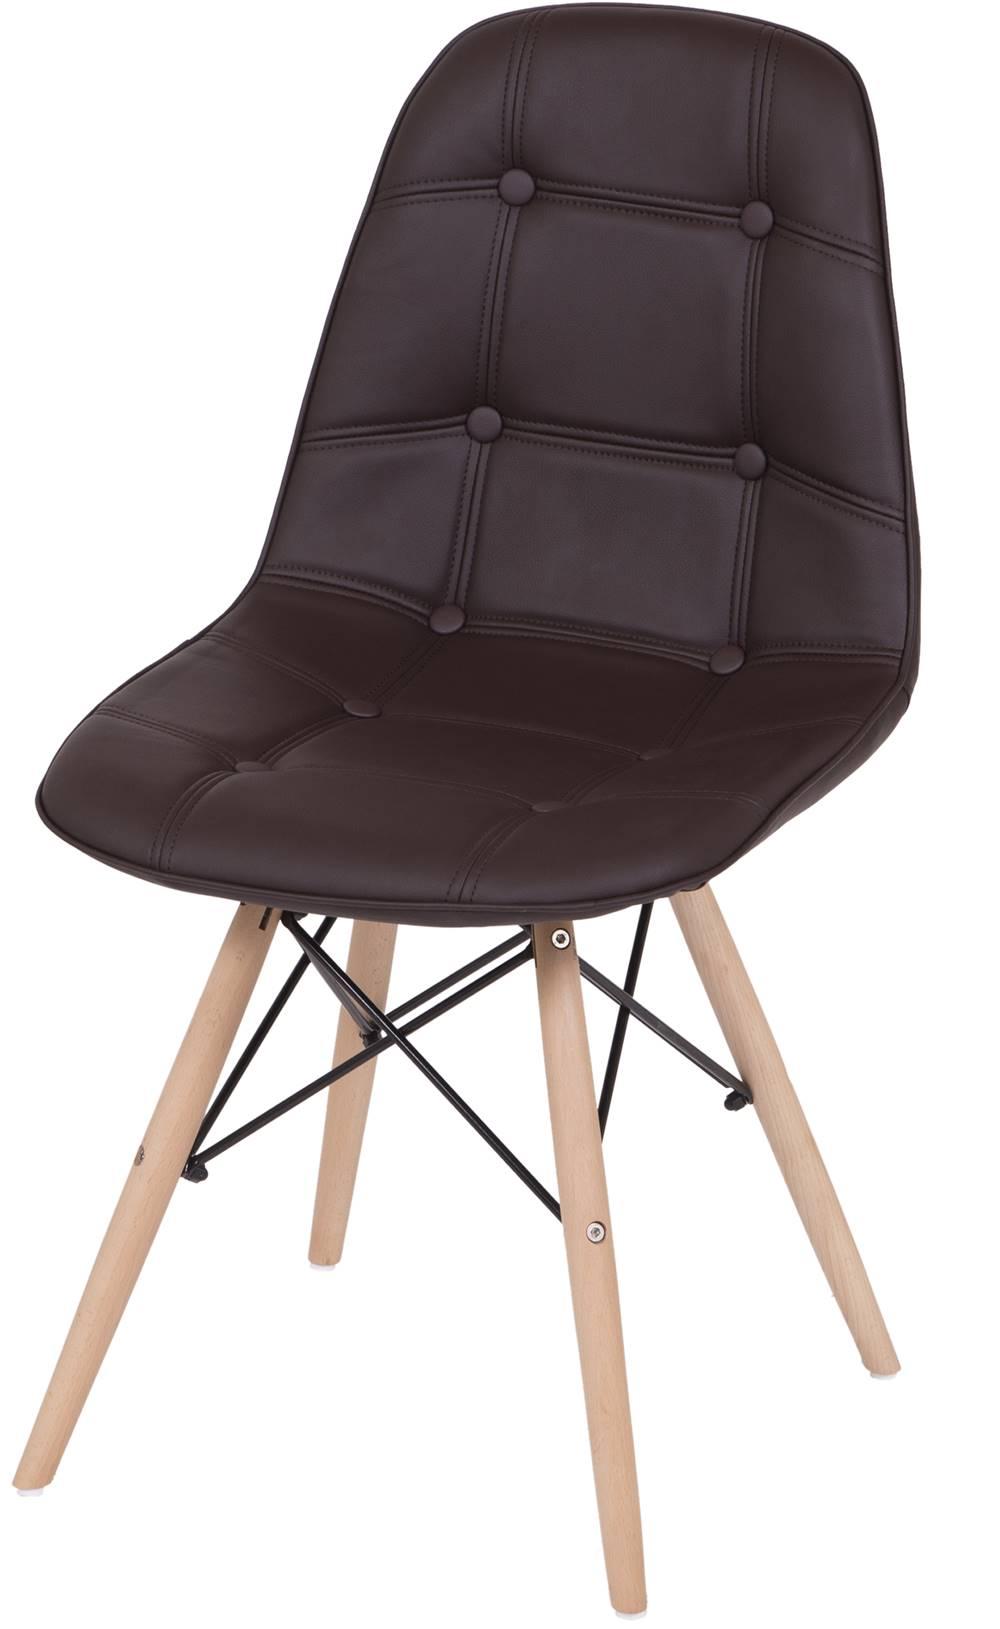 Cadeira Eames Botone Marrom Base Madeira - 33895